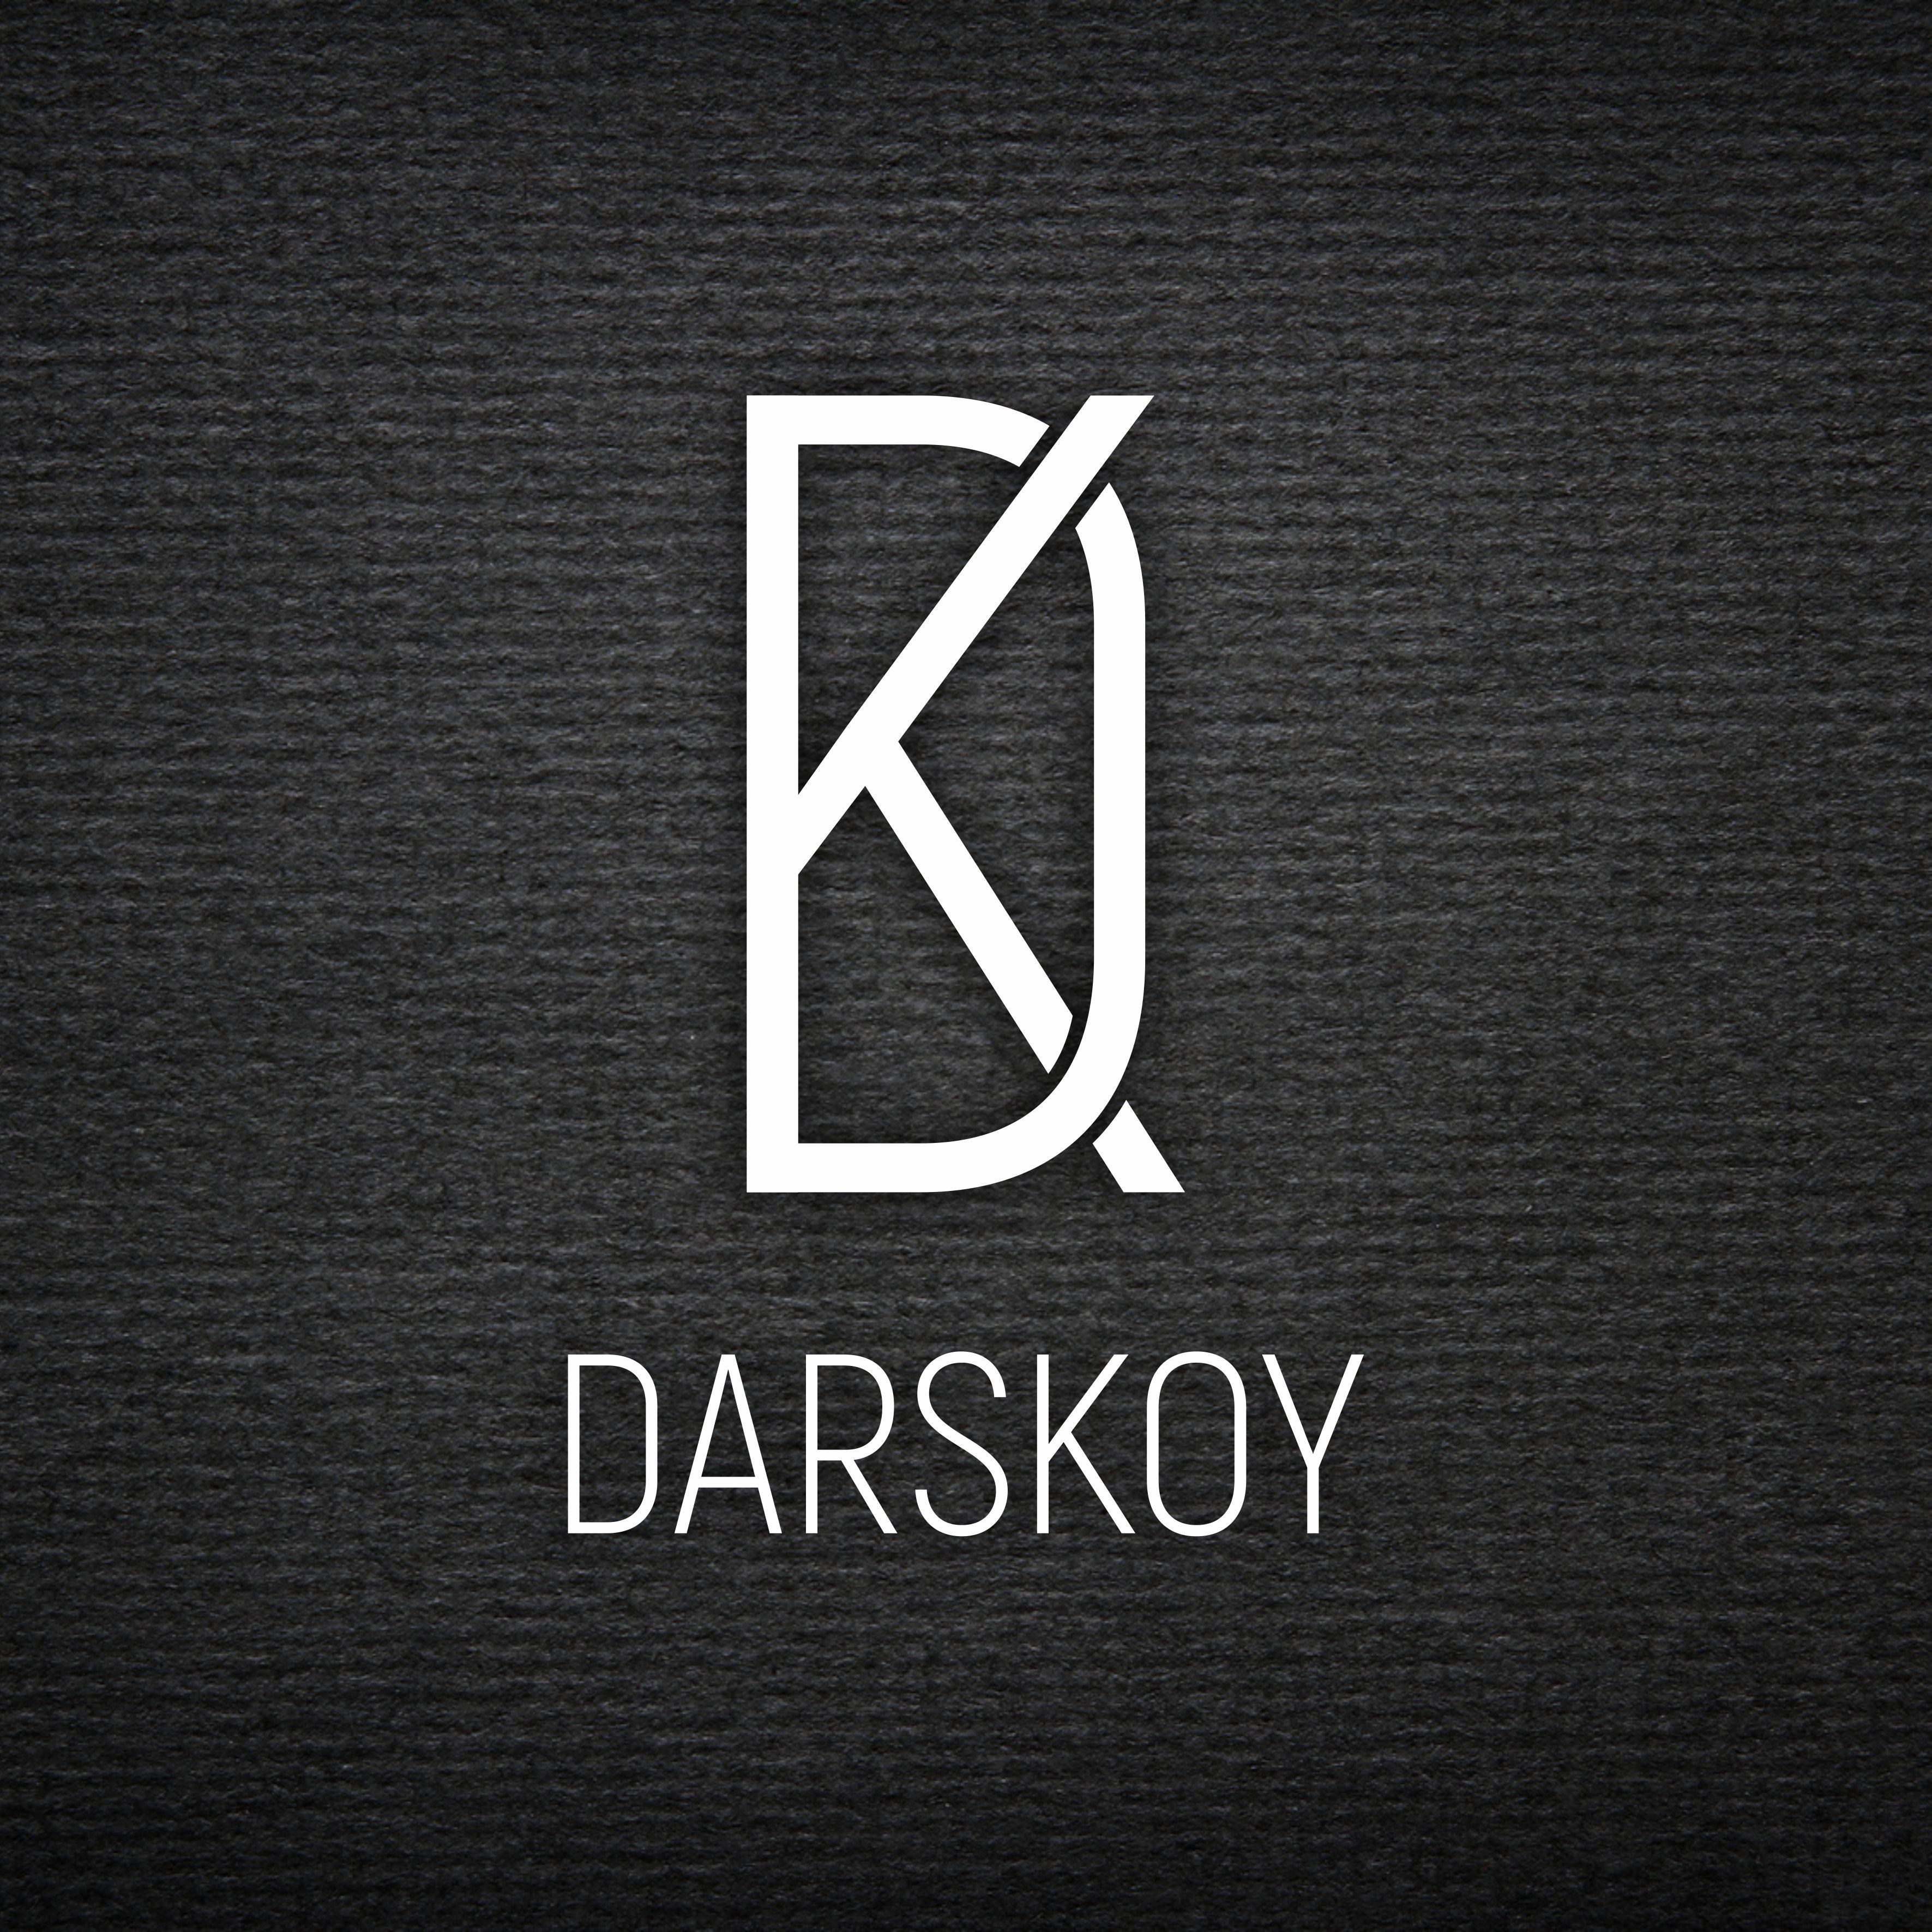 Нарисовать логотип для сольного музыкального проекта фото f_9865ba9c06020022.jpg